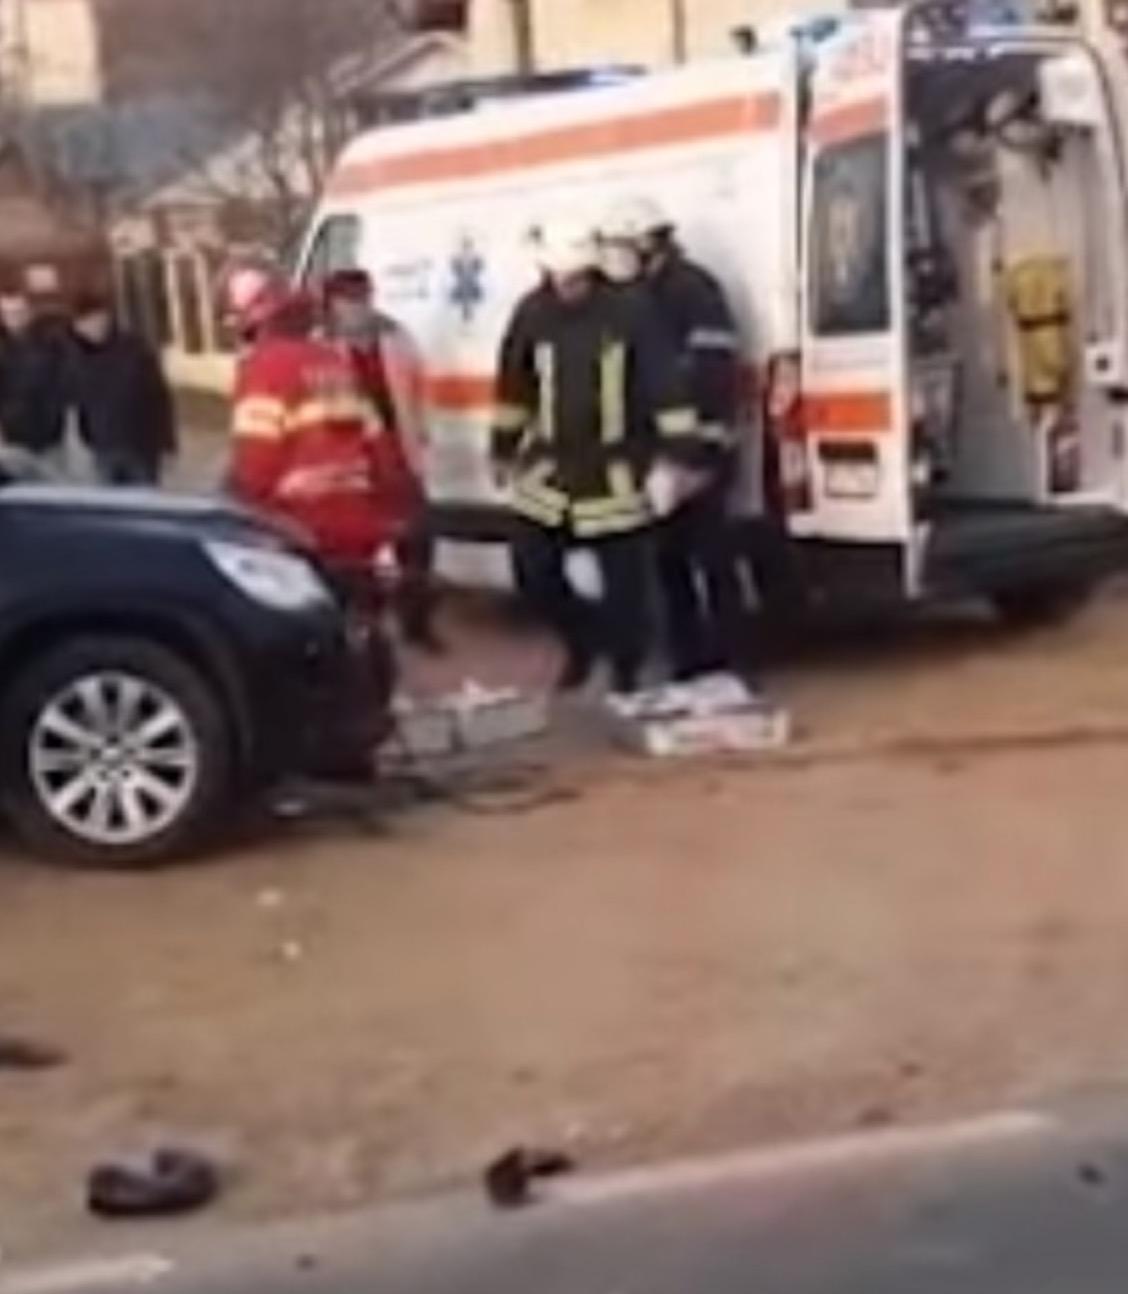 Planul roșu a fost activat, accident grav în Vaslui 2 morți și șase răniți